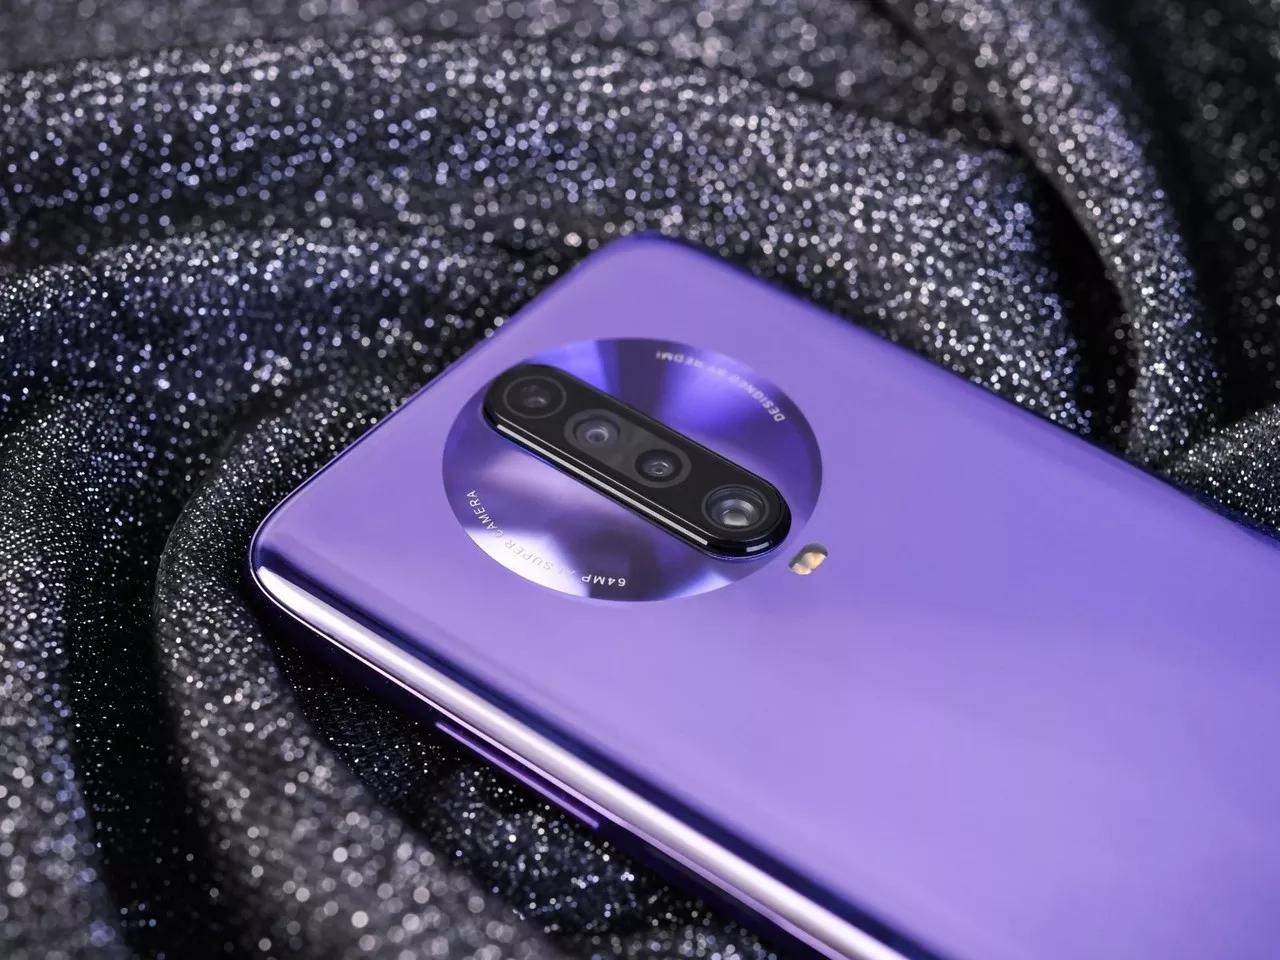 手机相机里的那些小技巧,你都了解吗?这个技巧你肯定没听过